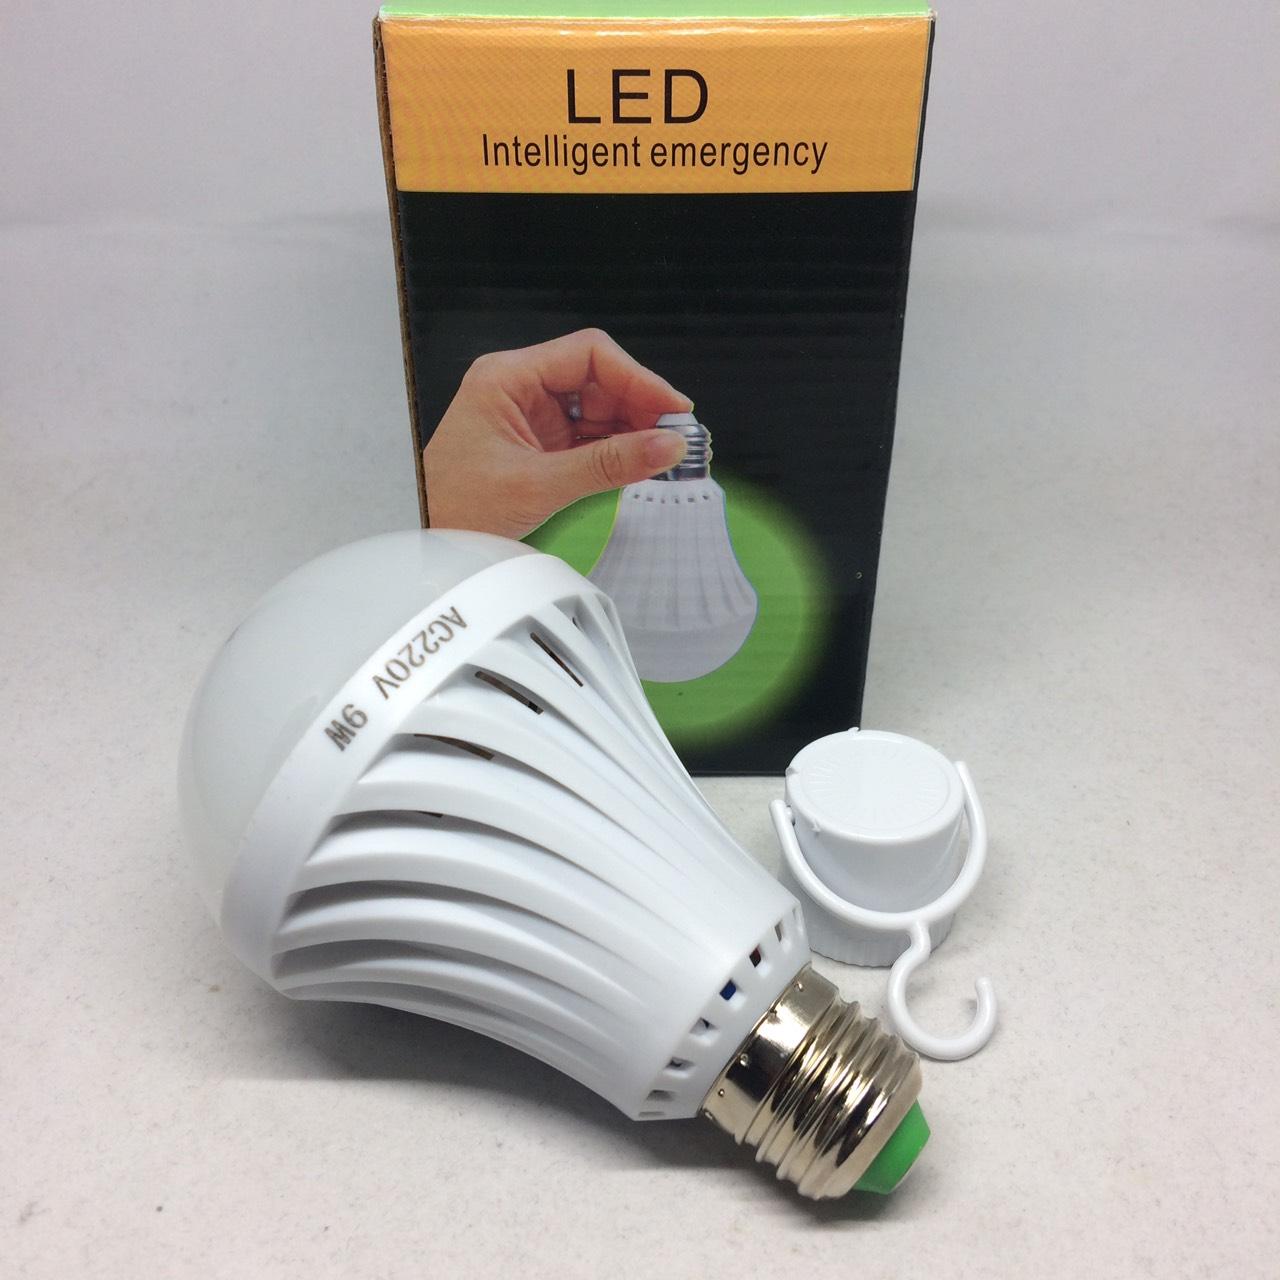 หลอดไฟฉุกเฉิน LED 9w E27 220V แสงสีขาว